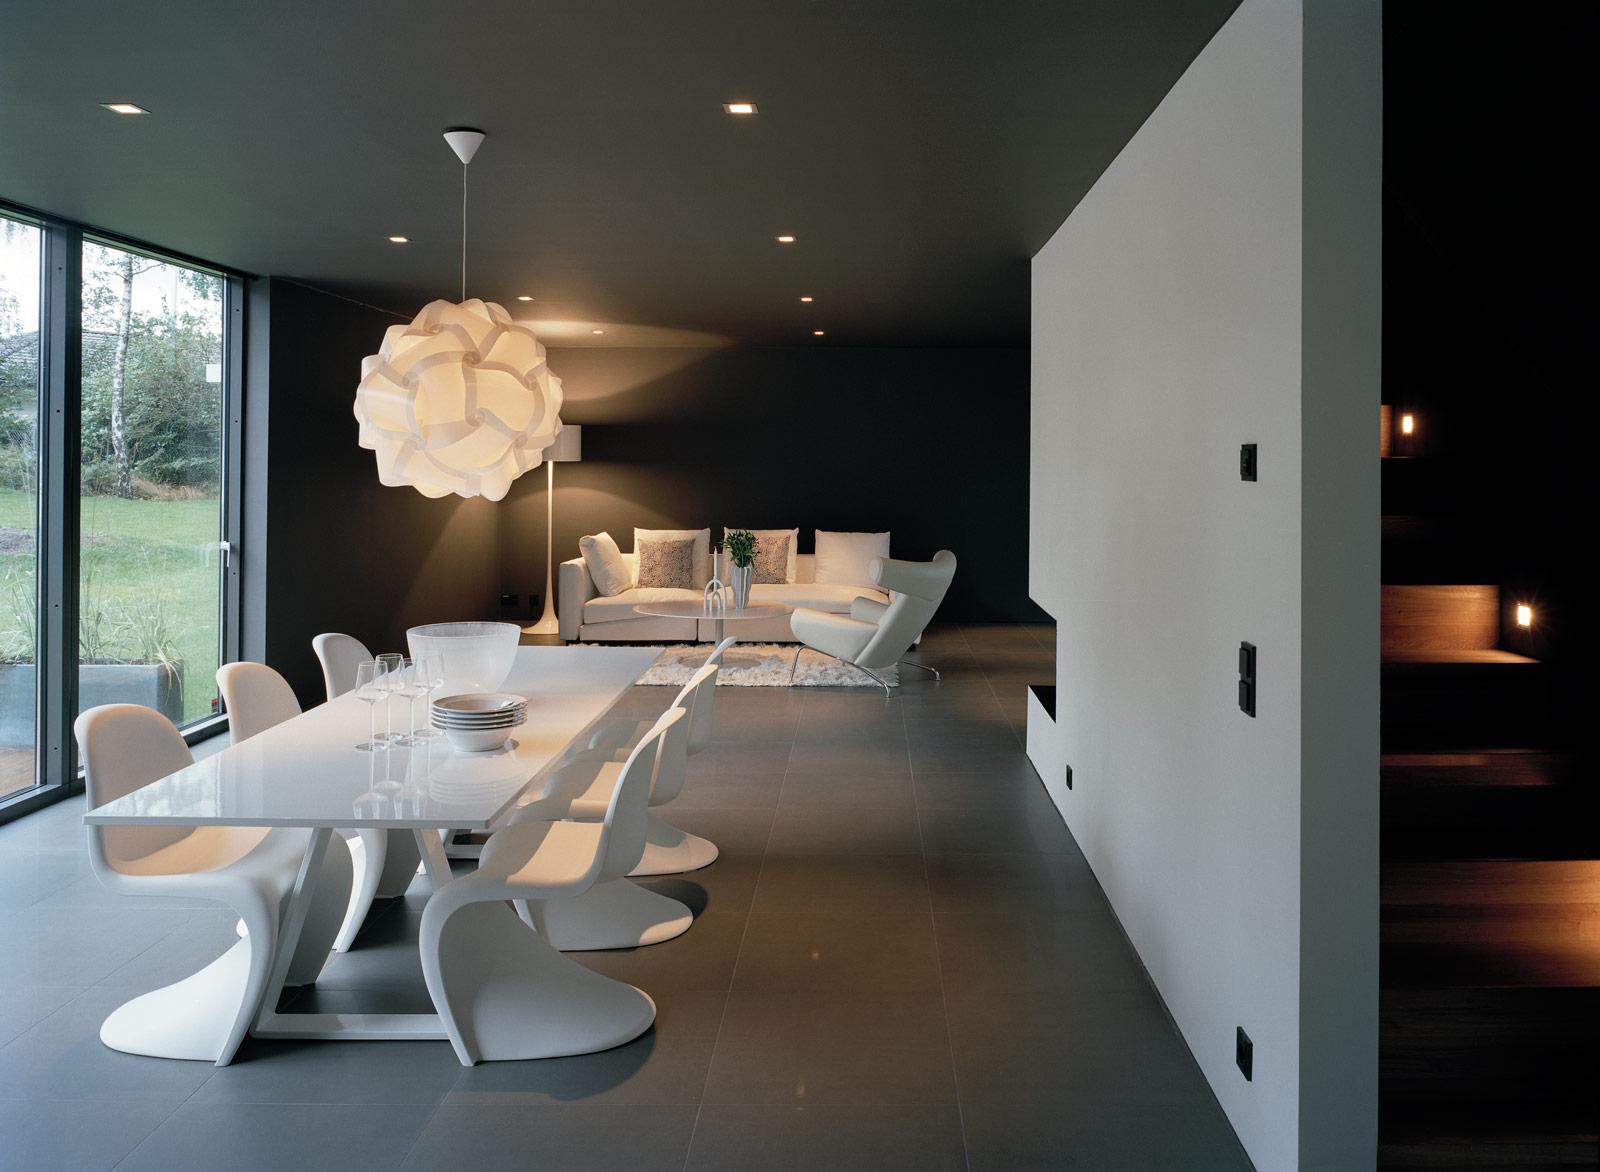 Conceptbysarah moderne schwedische architektur for Schwedische einrichtung